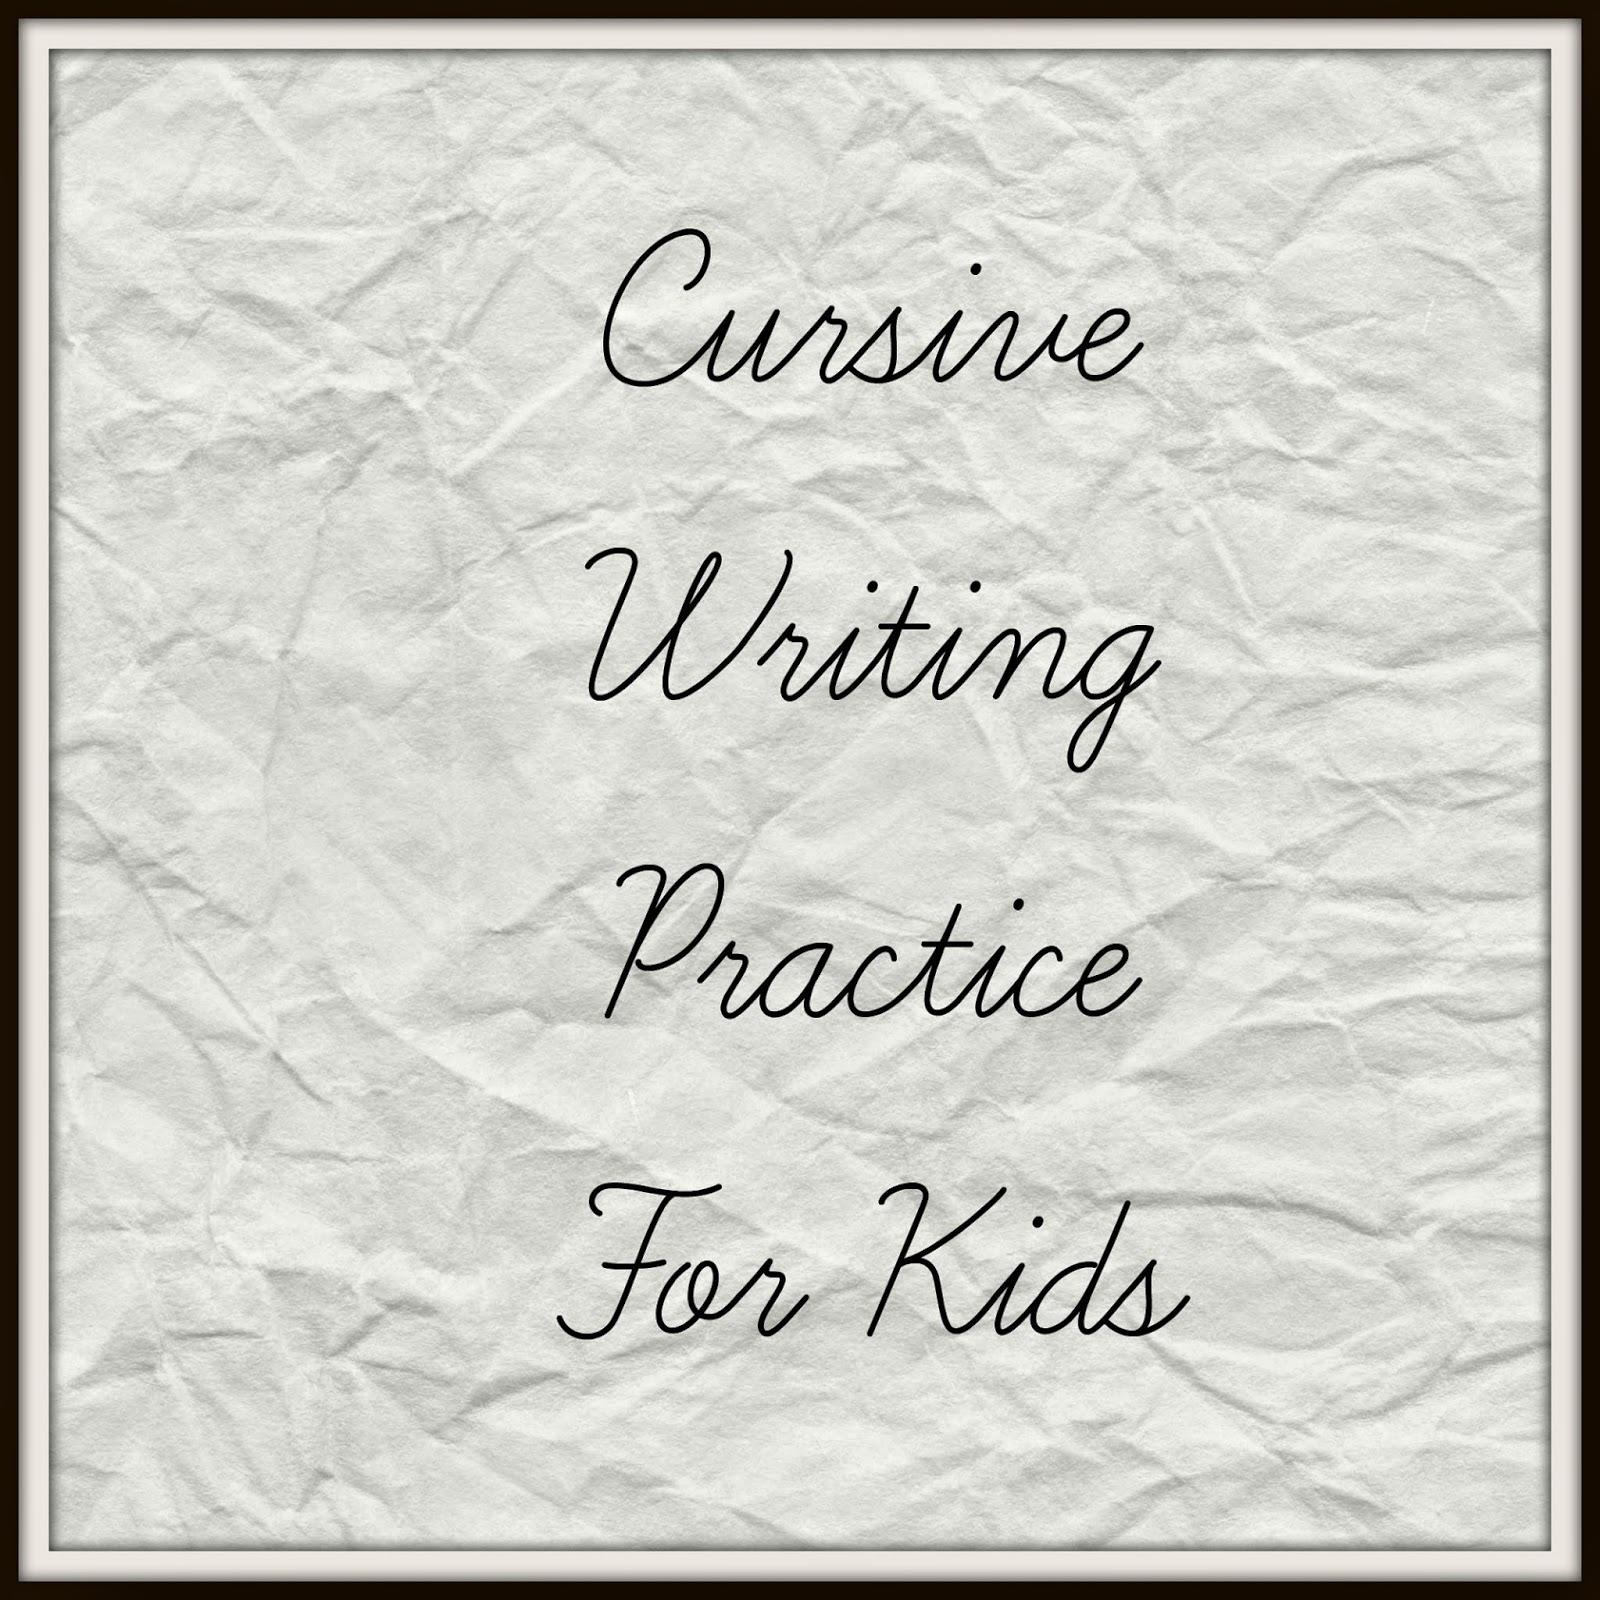 How to write cursive